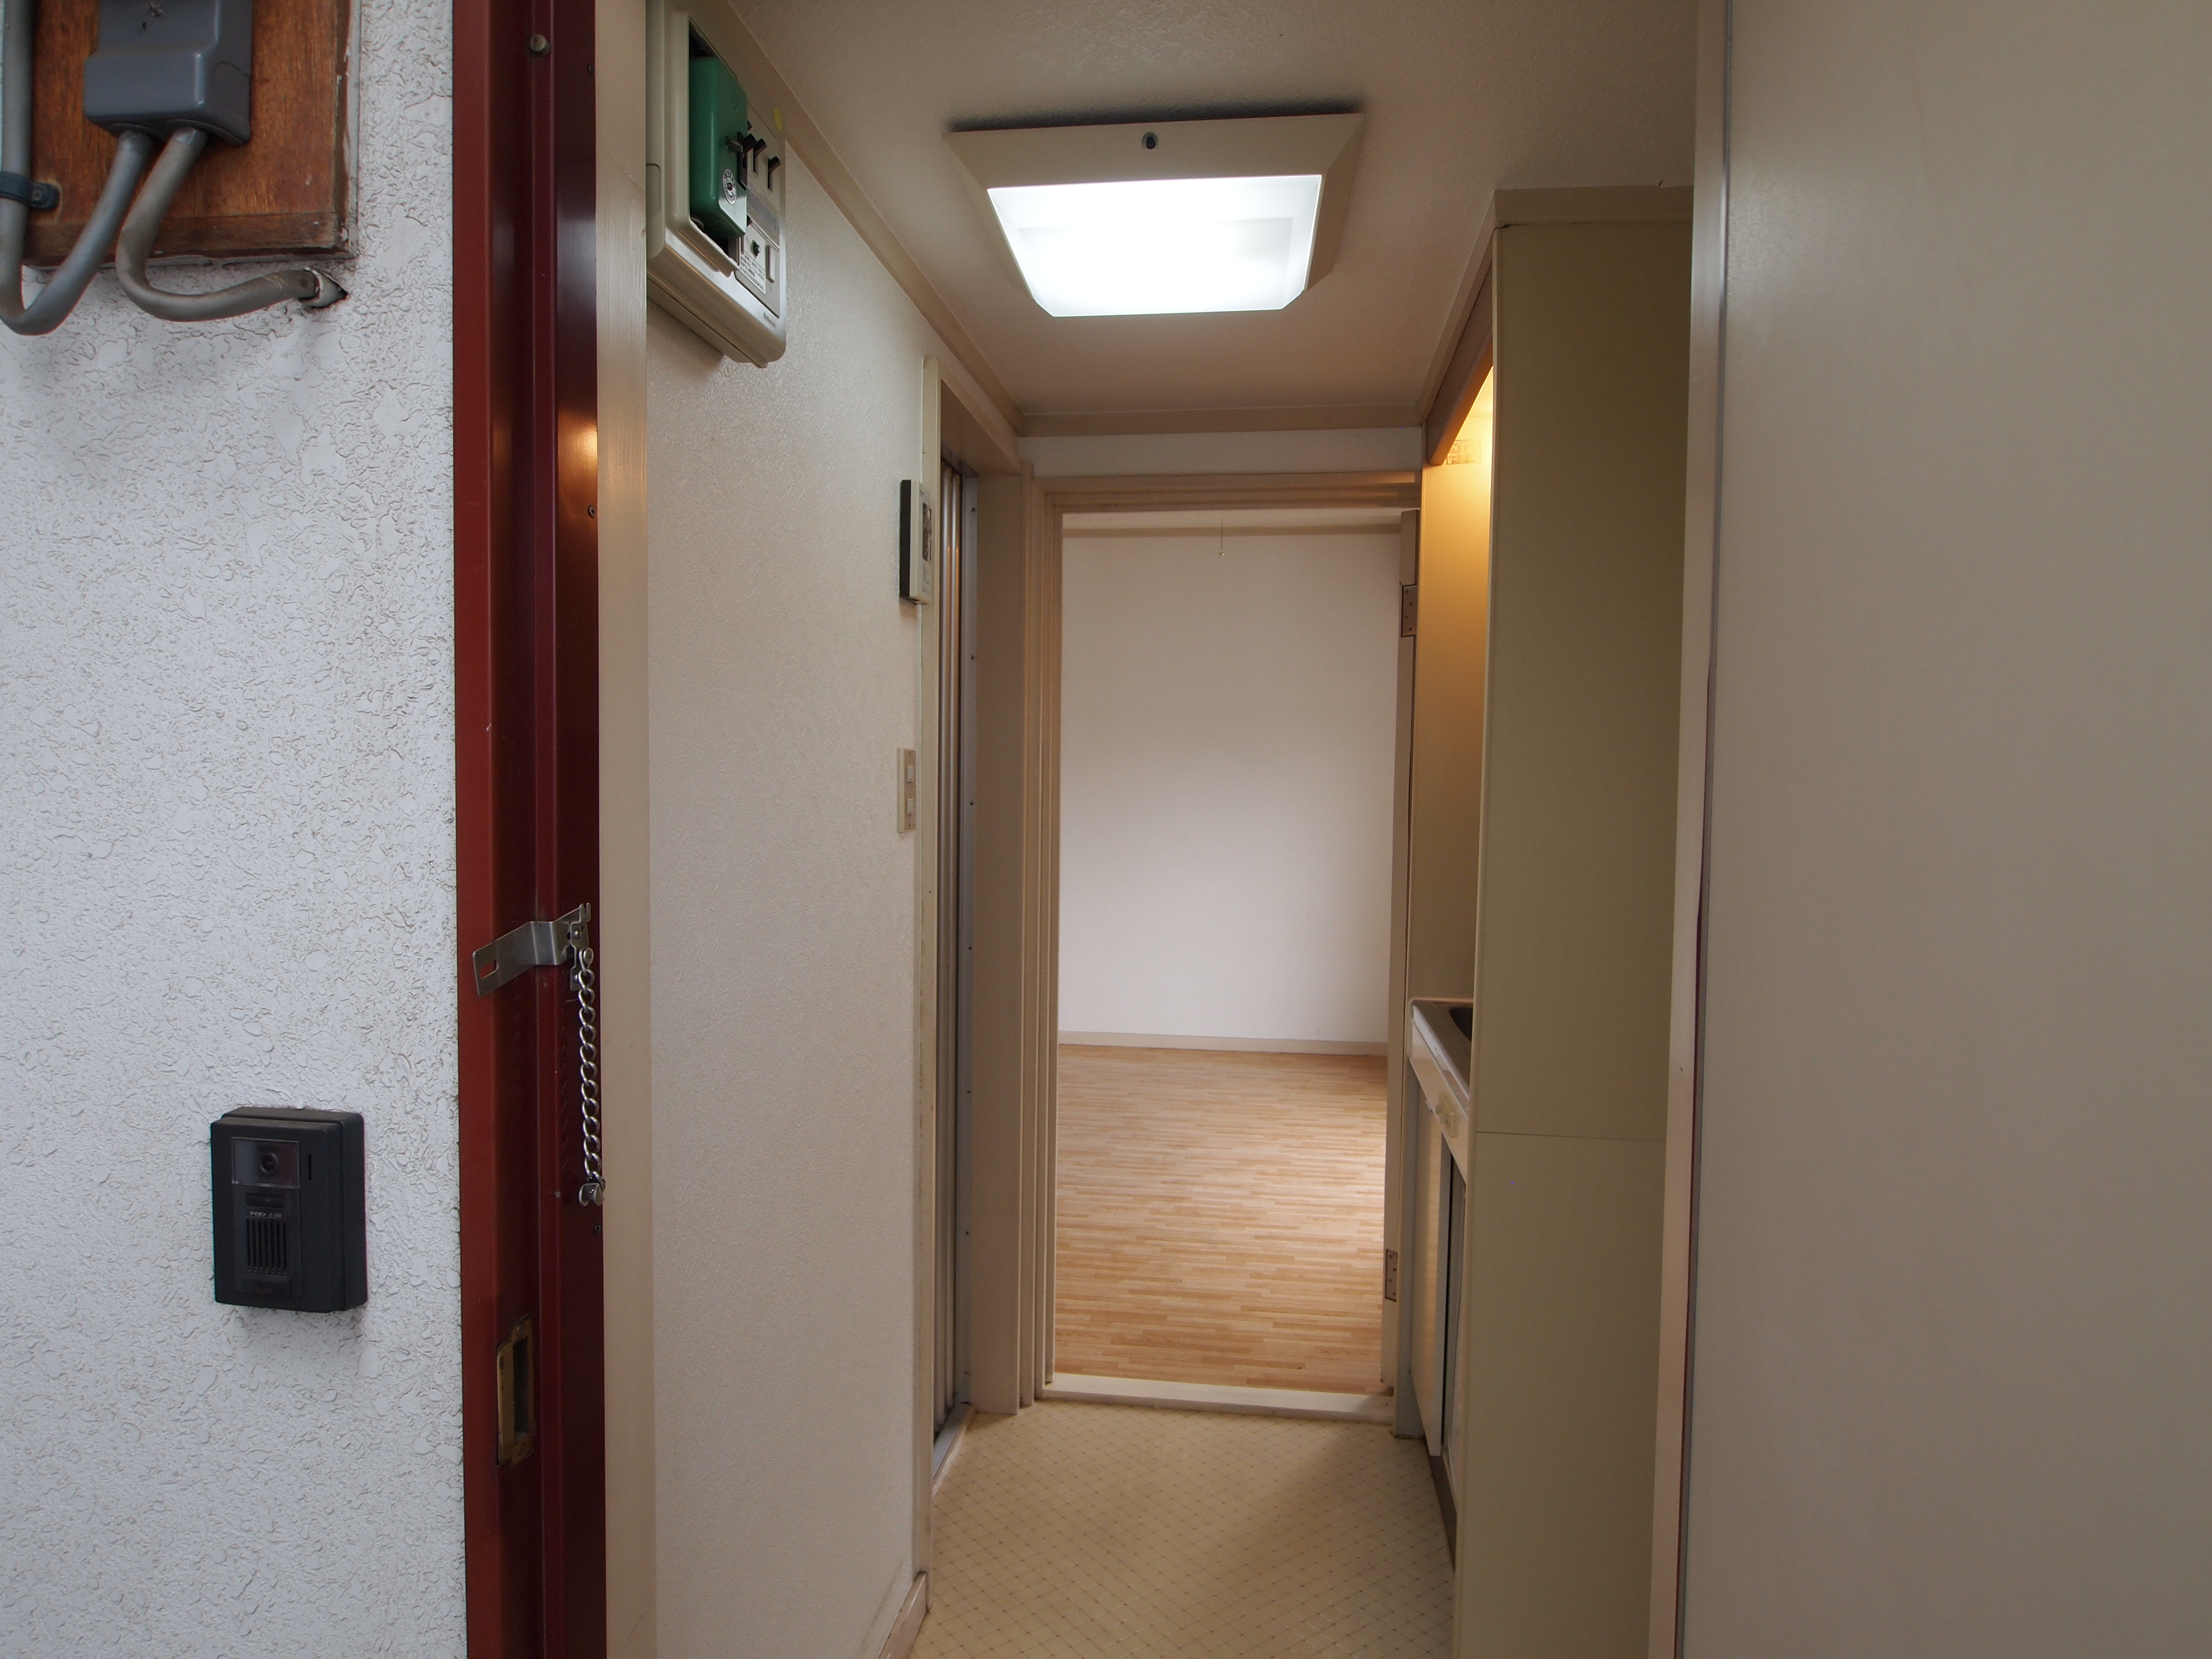 施工事例:埼玉県坂戸市 ヴィンテージオークのフロアタイルでモダン&ヴィンテージに